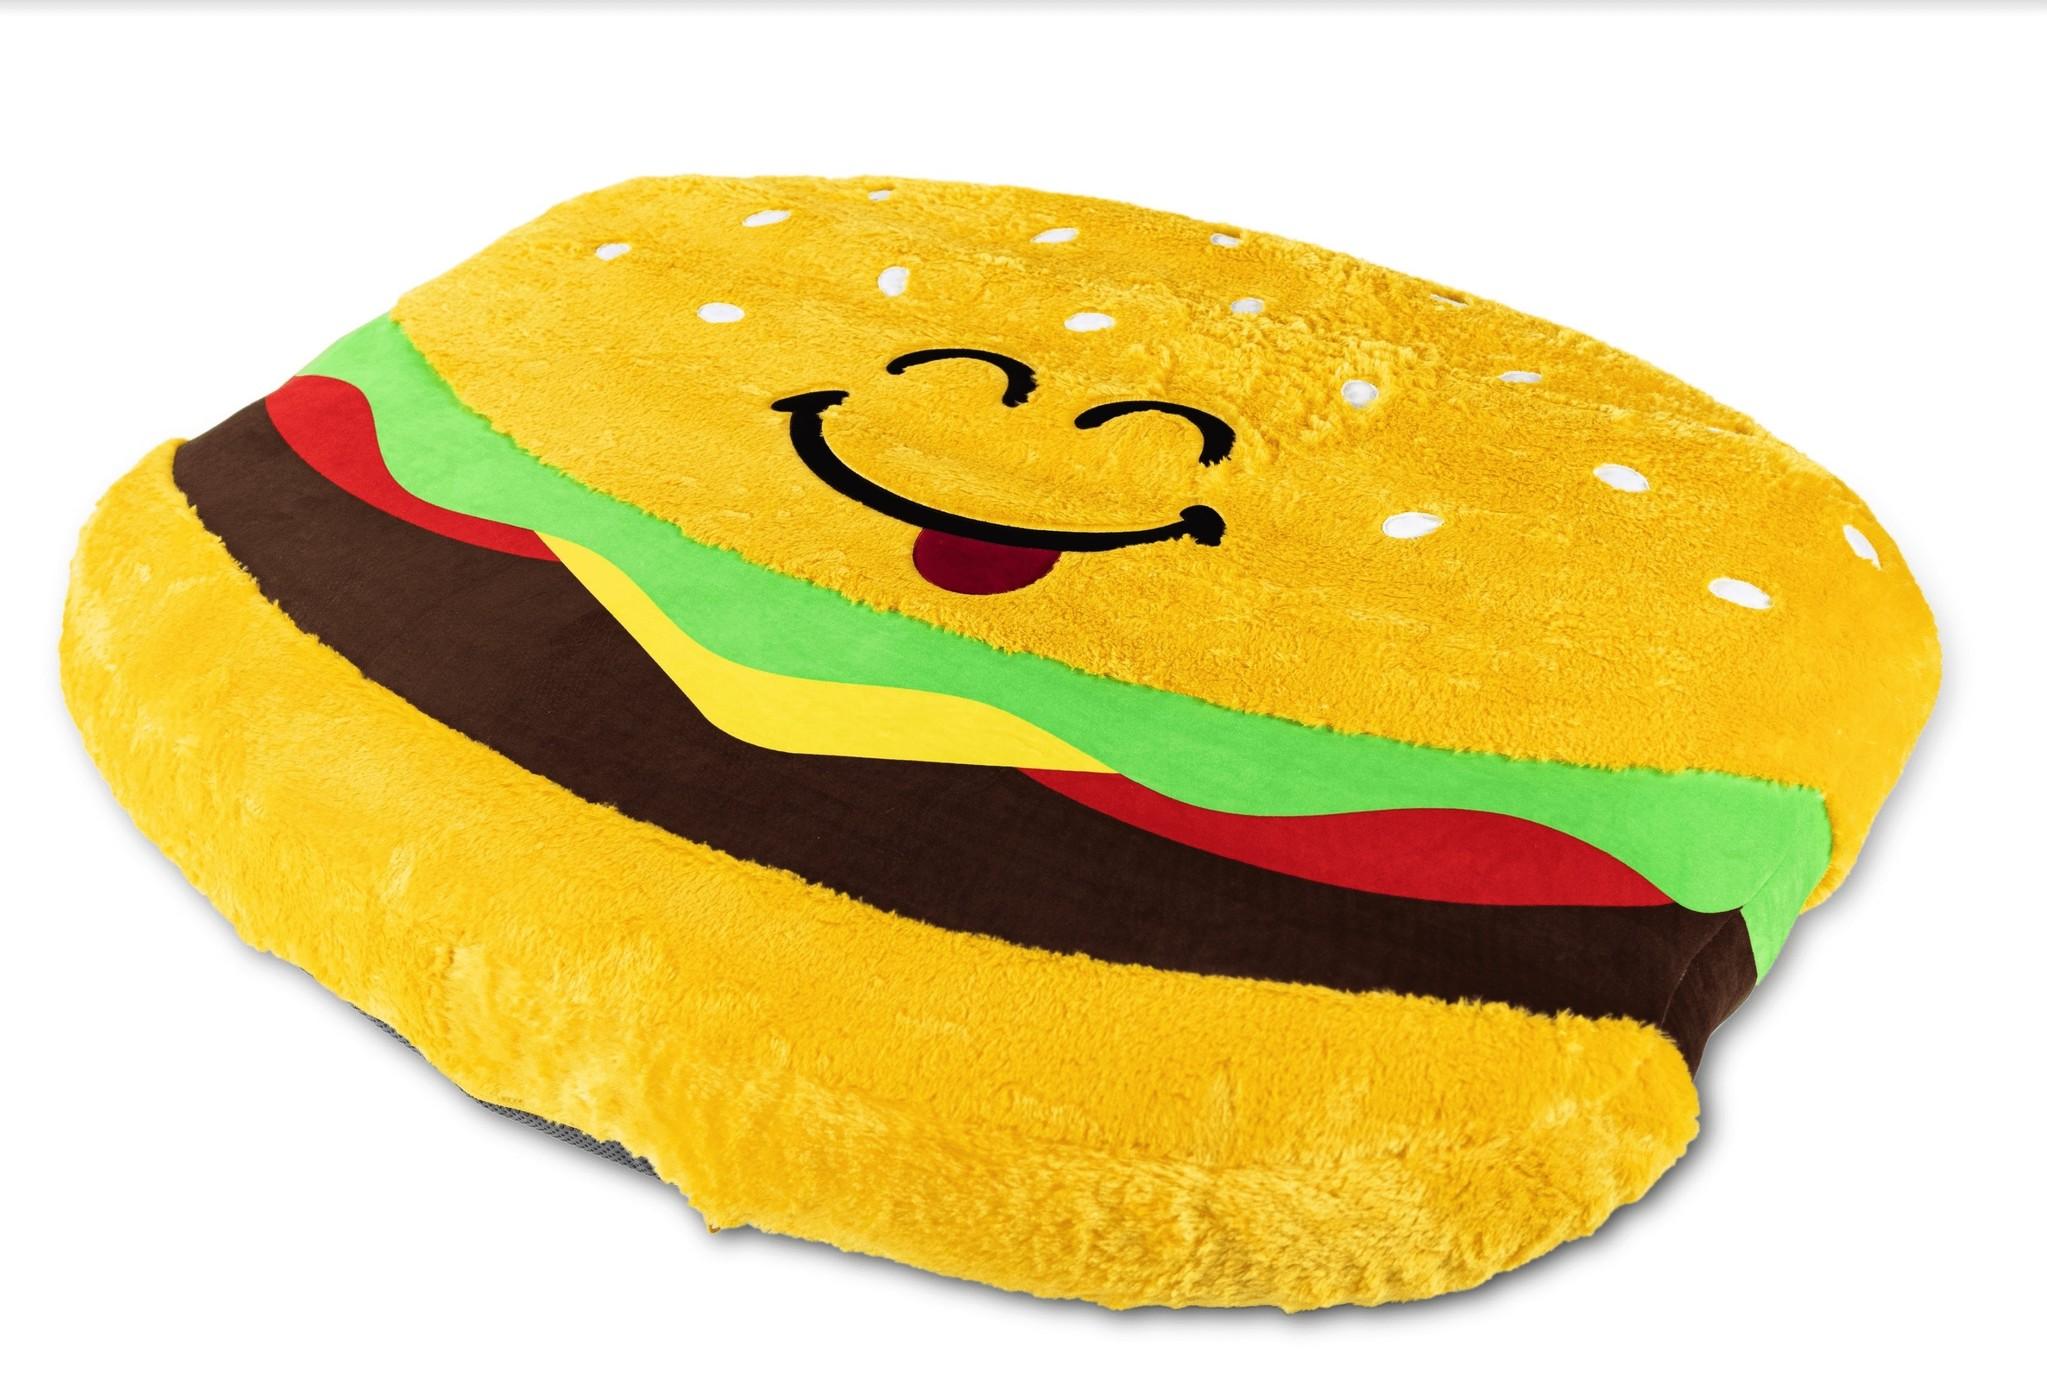 Hamburger Inflatable Floor Floatie-5